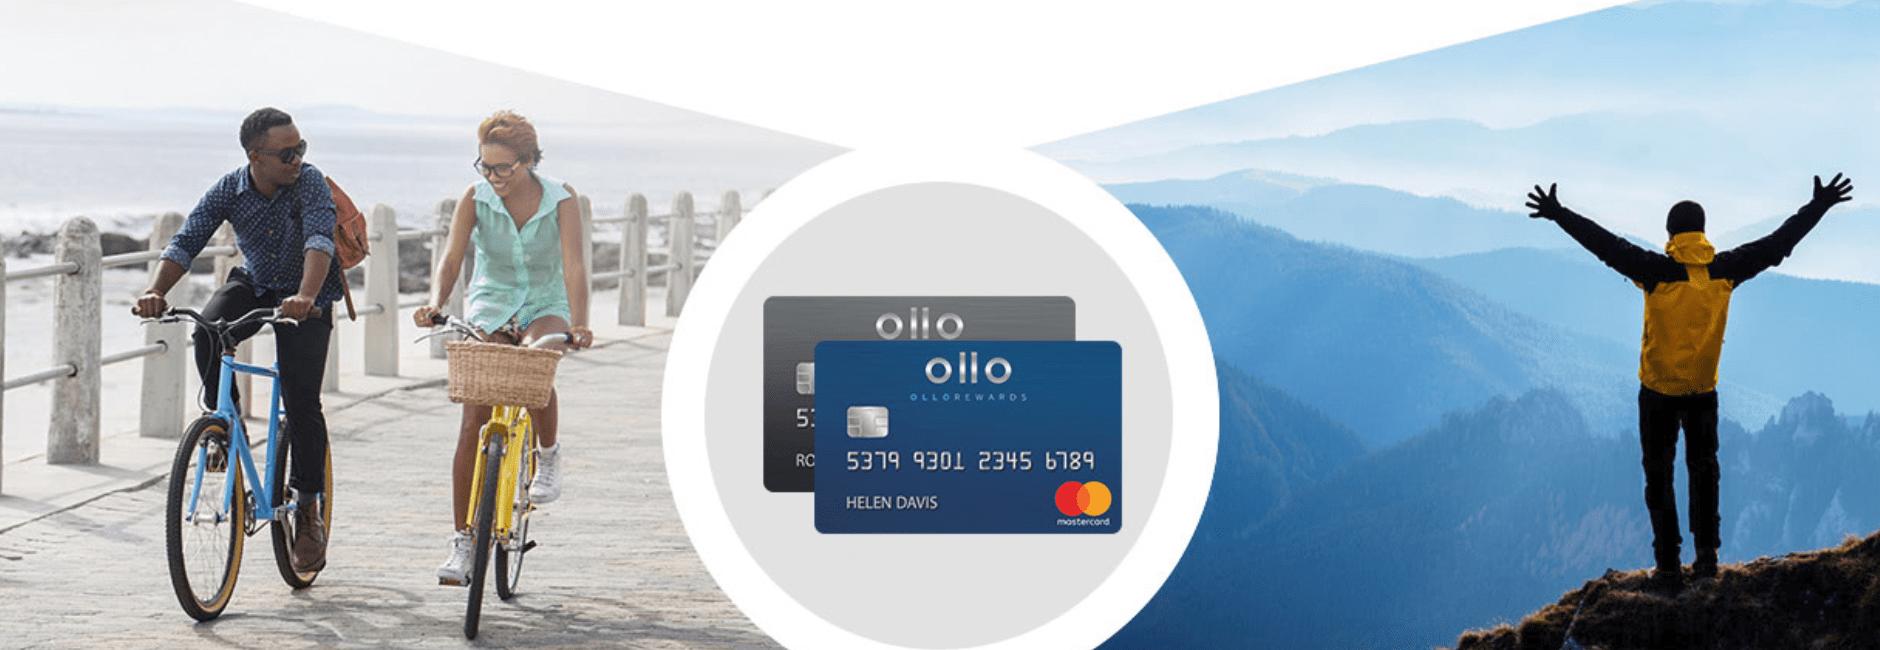 Ollo Card Mastercard